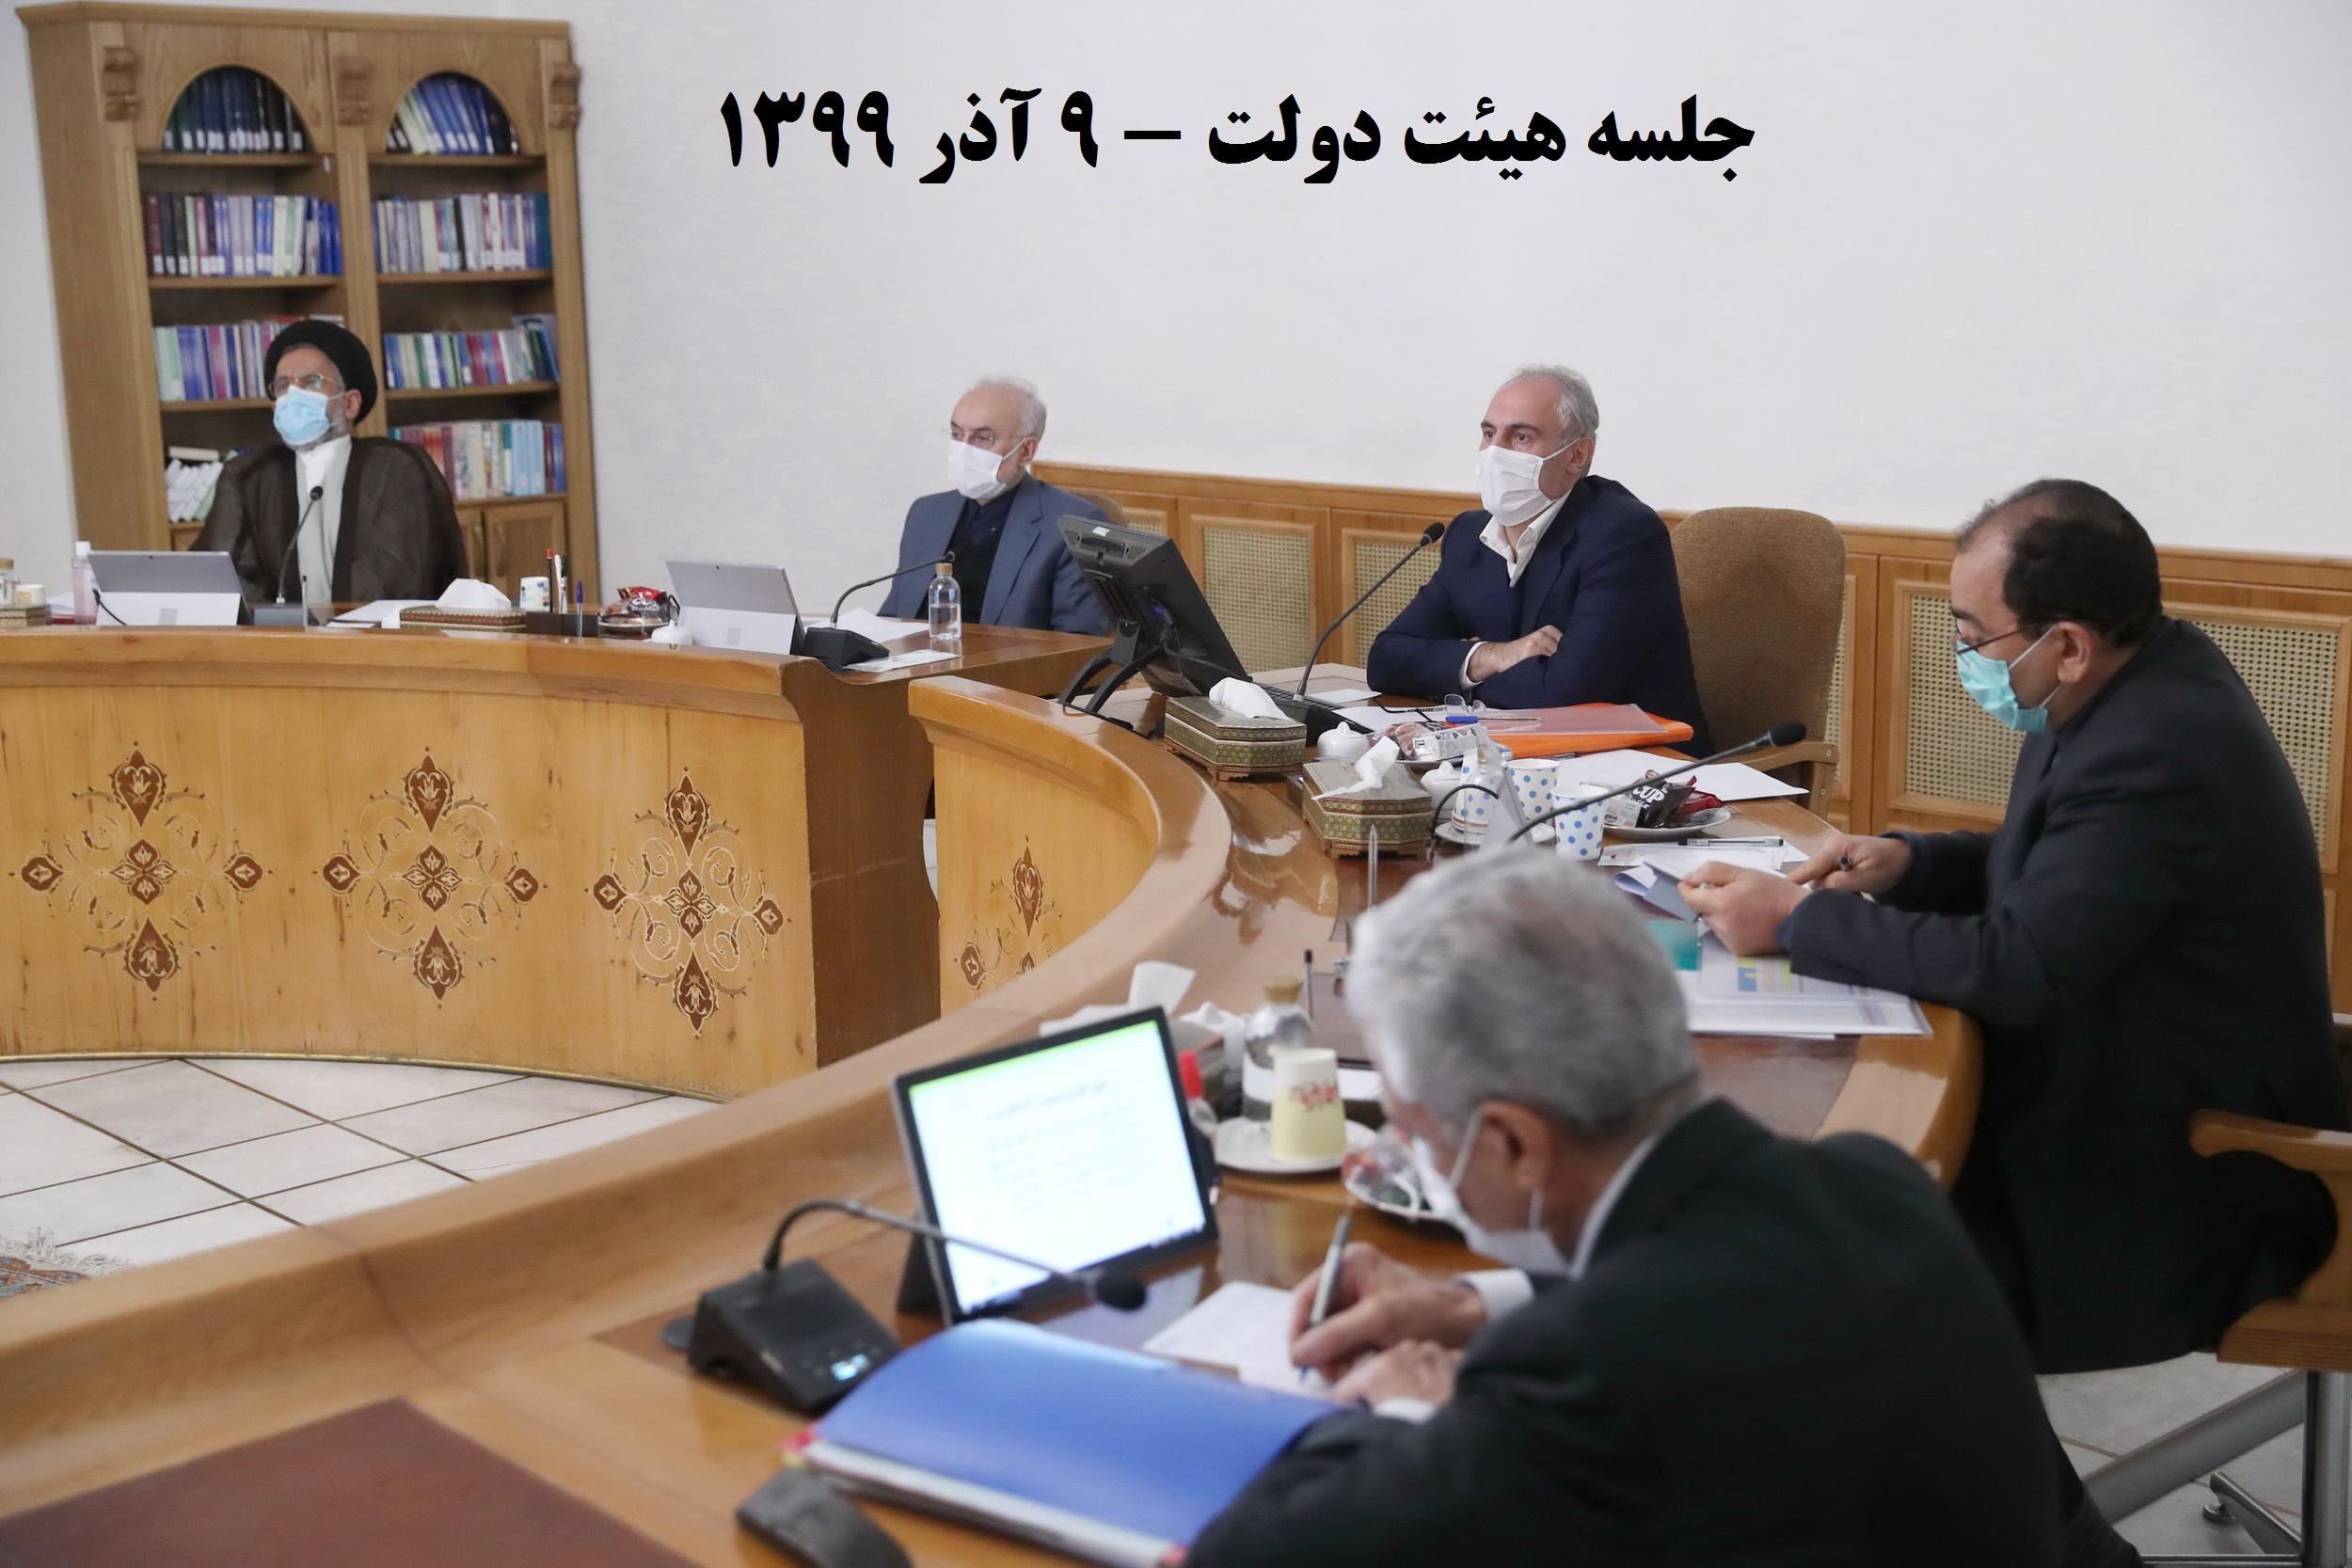 ادامه بررسی لایحه بودجه سال 1400 در جلسه بعدازظهر دولت